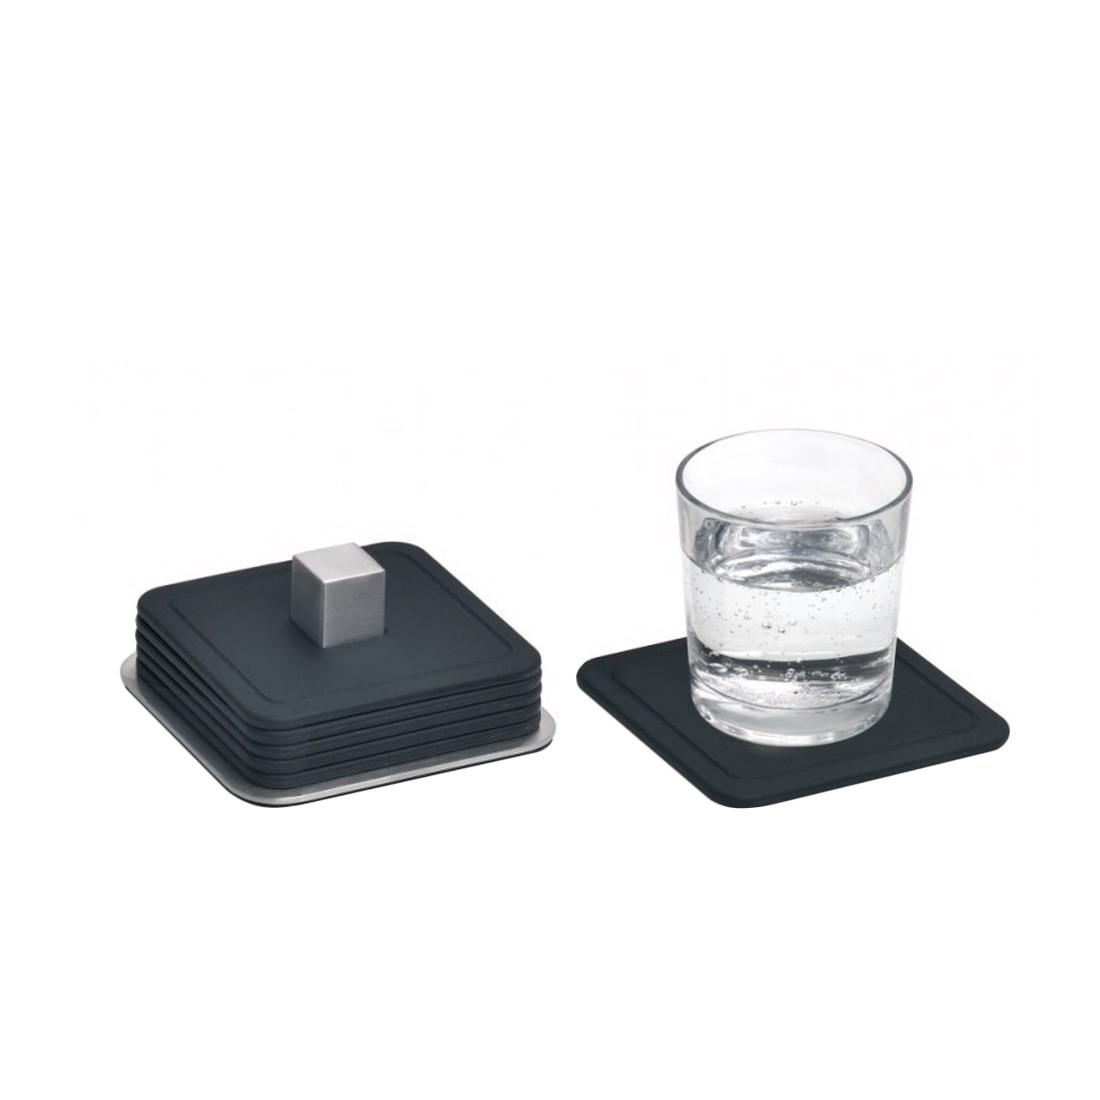 untersetzer trayan set eckig edelstahl silikon blomus. Black Bedroom Furniture Sets. Home Design Ideas